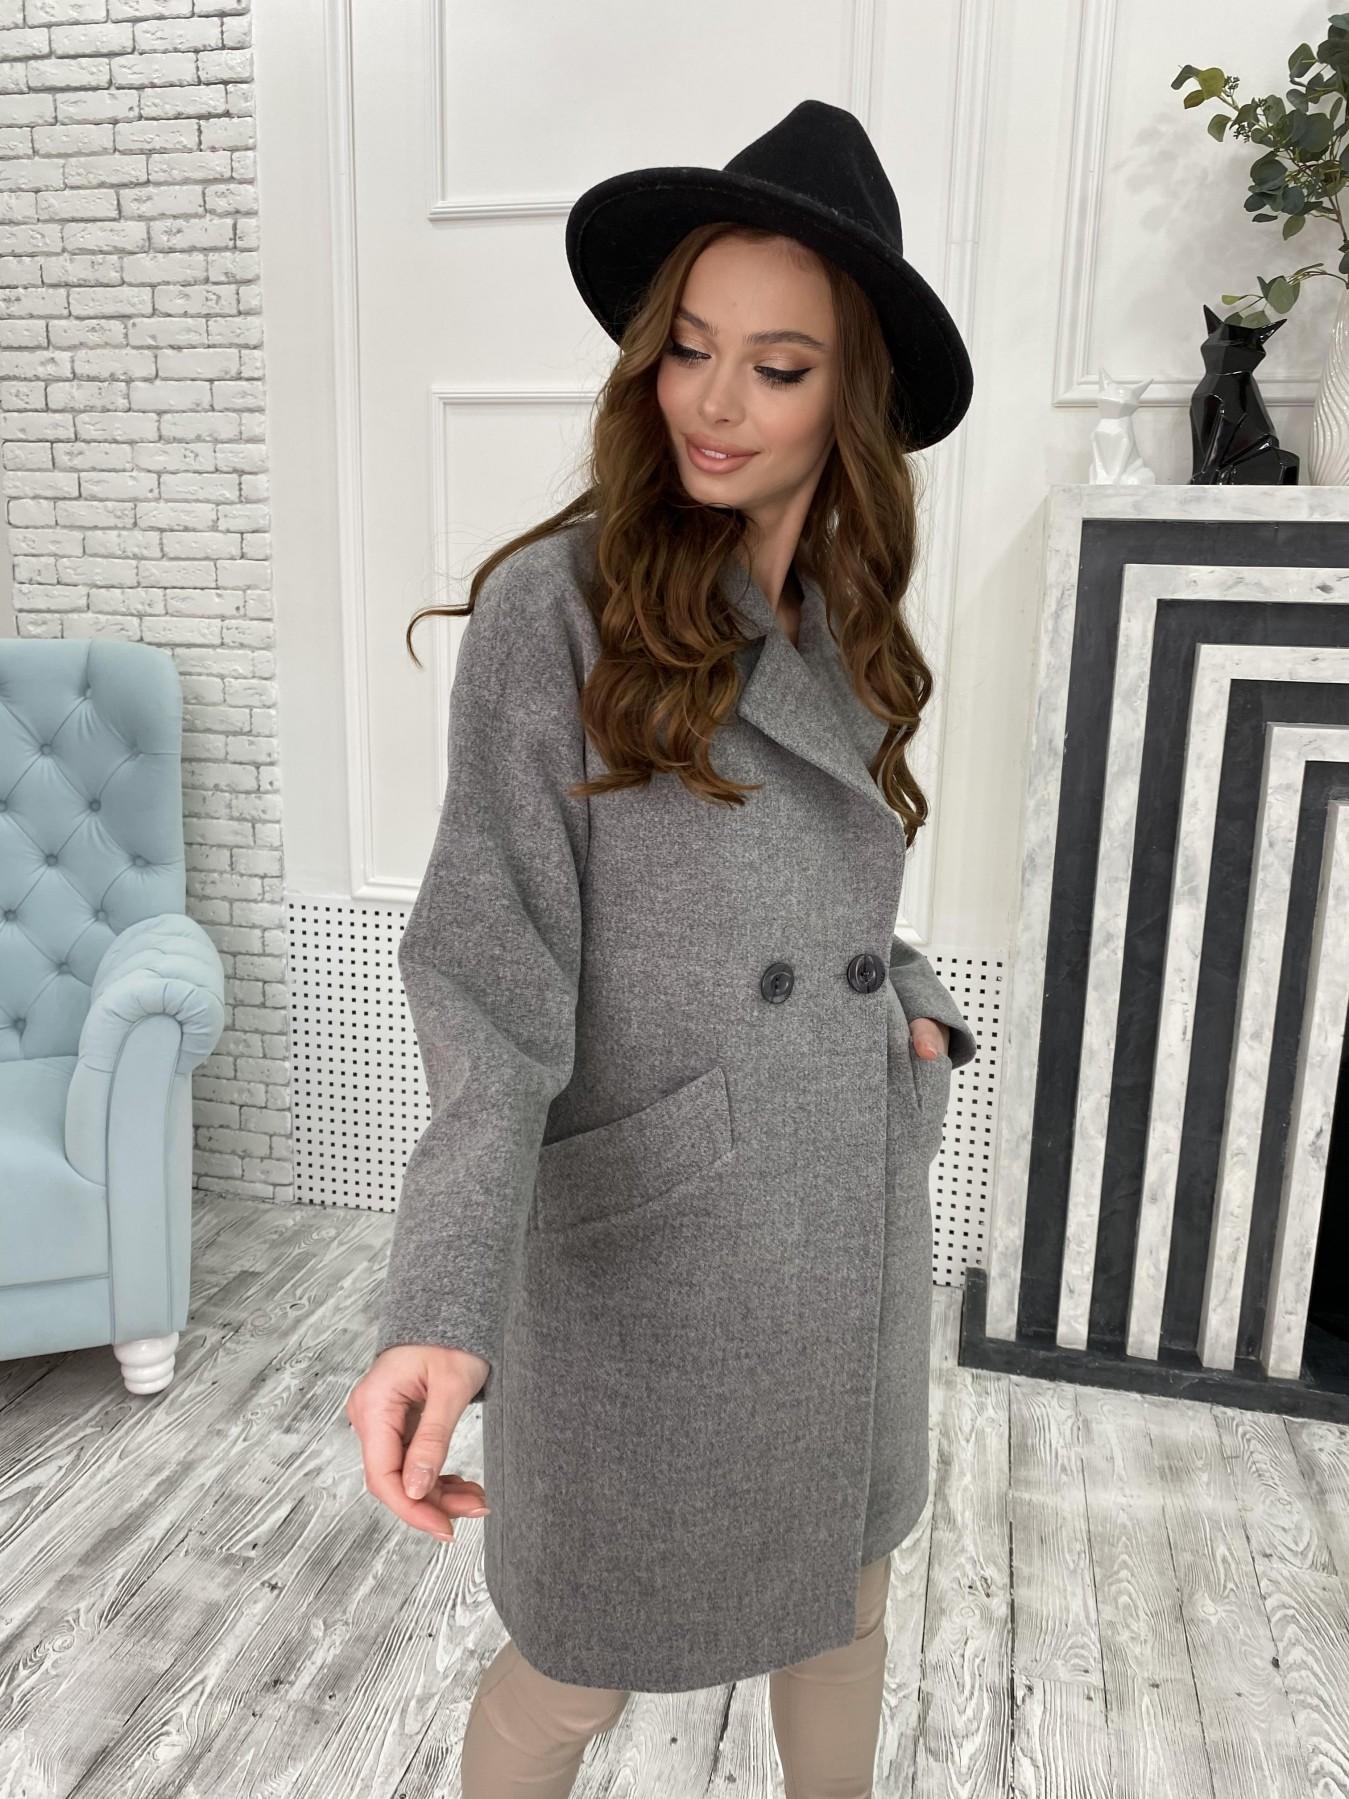 Сенсей пальто из кашемира меланж  10745 АРТ. 47226 Цвет: Серый 1 - фото 3, интернет магазин tm-modus.ru